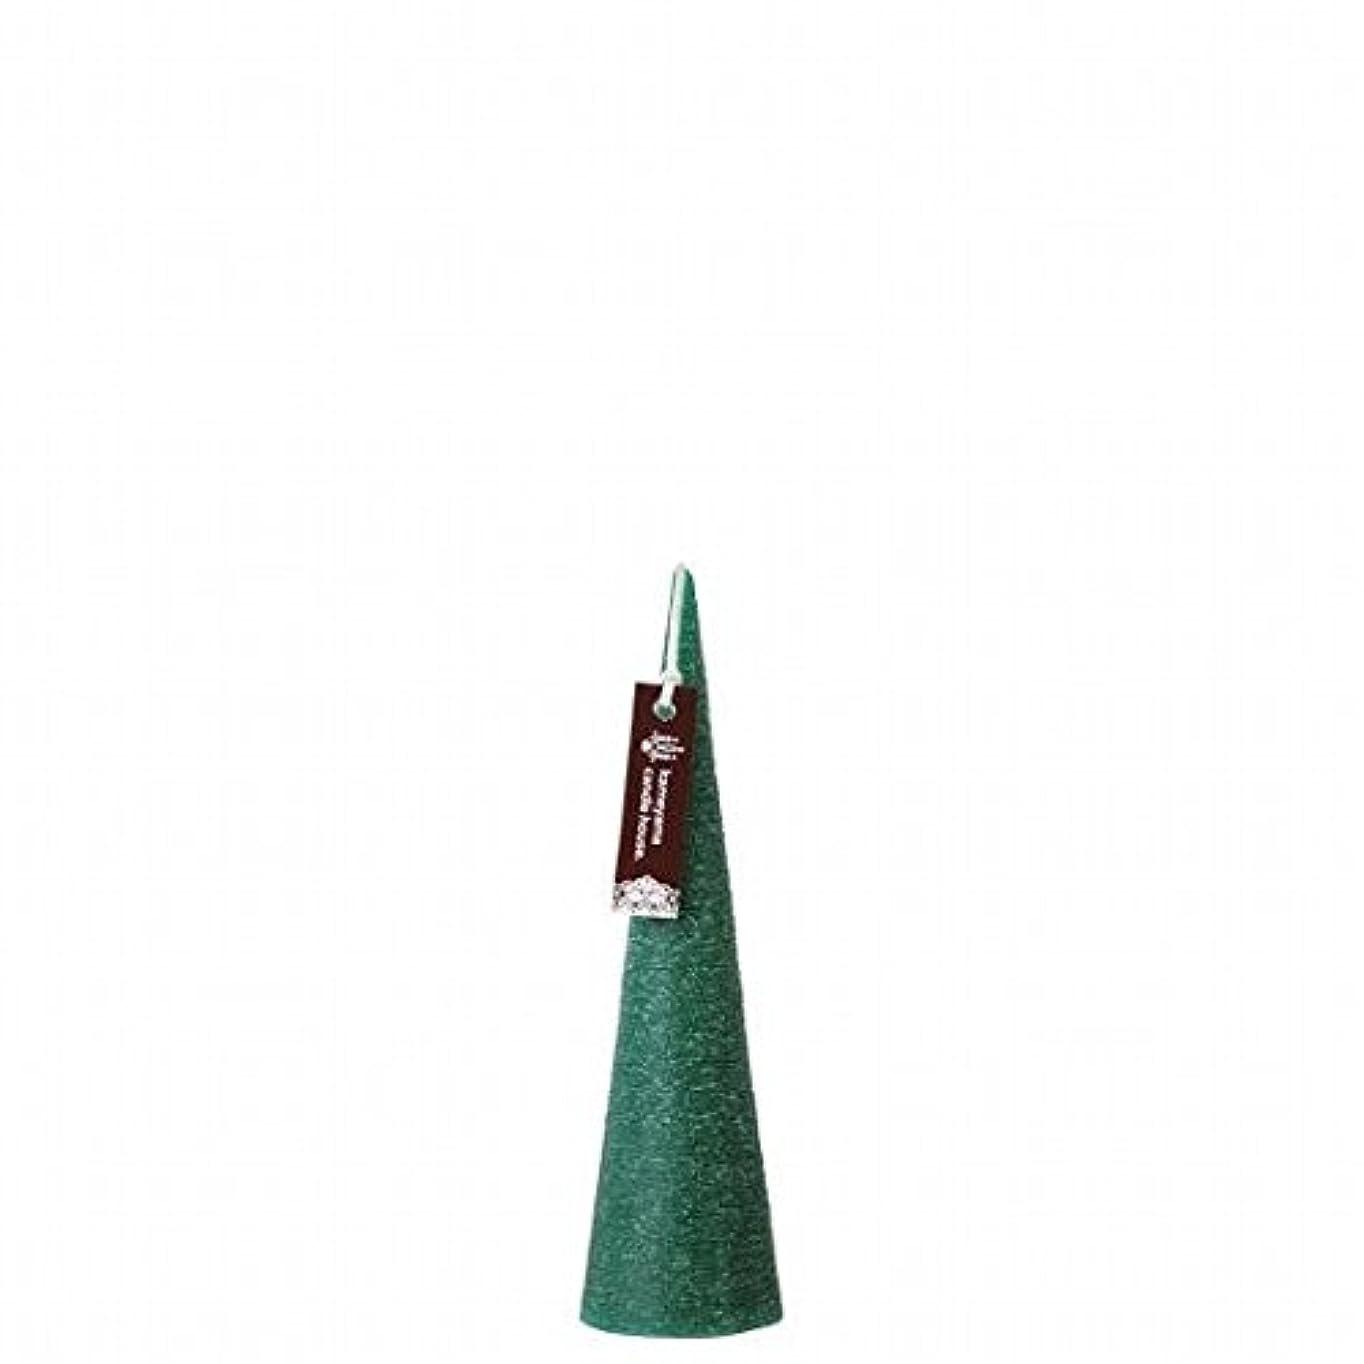 荒らす何故なのきゅうりkameyama candle(カメヤマキャンドル) ブラッシュコーンSS 「 グリーン 」(A9550000G)